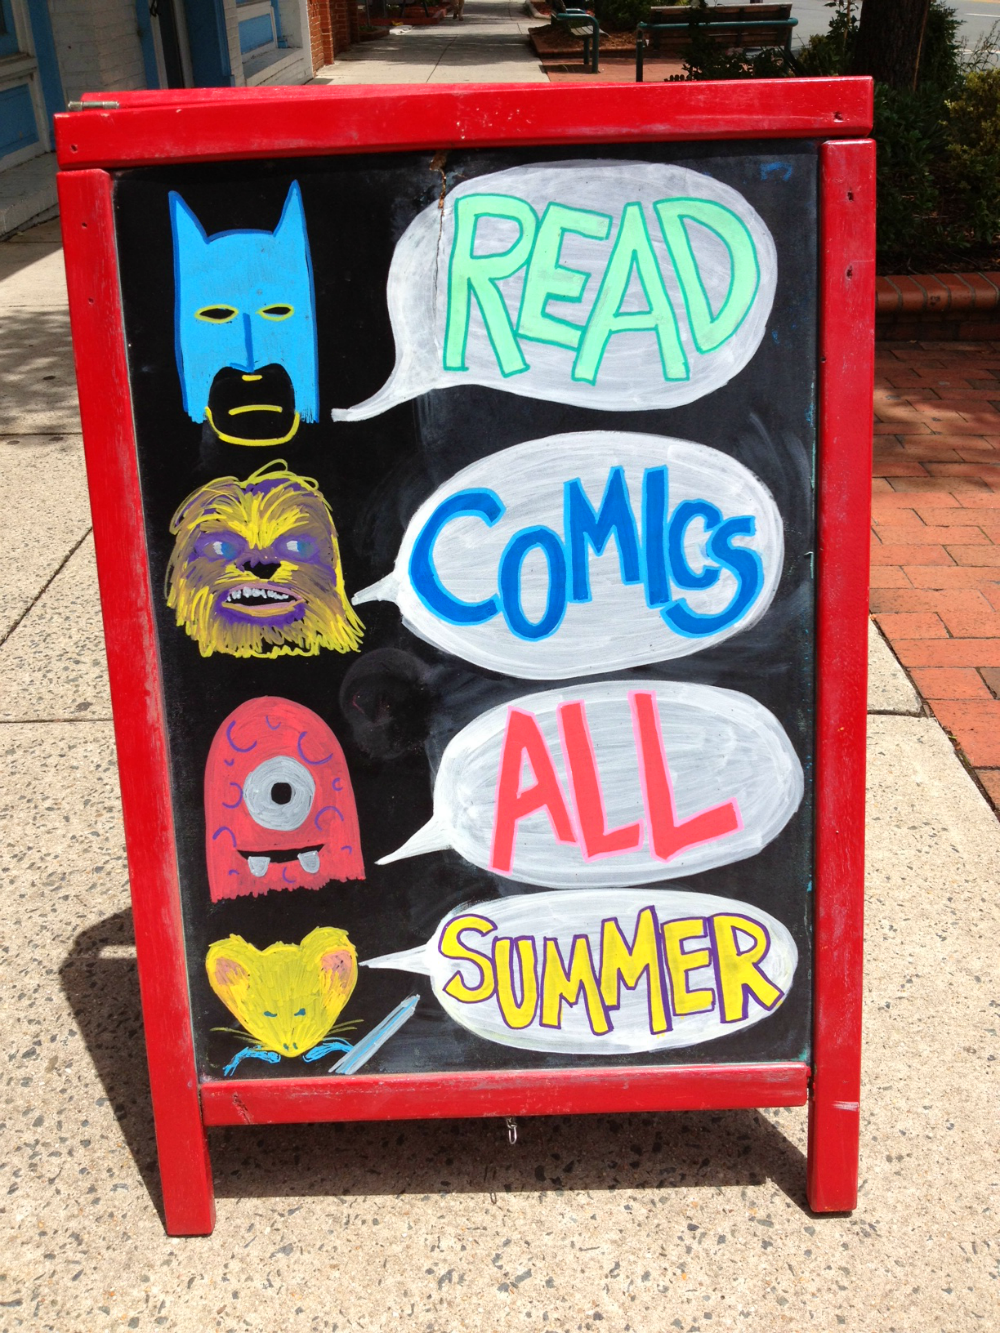 Chapel Hill Comics 2.jpg.png